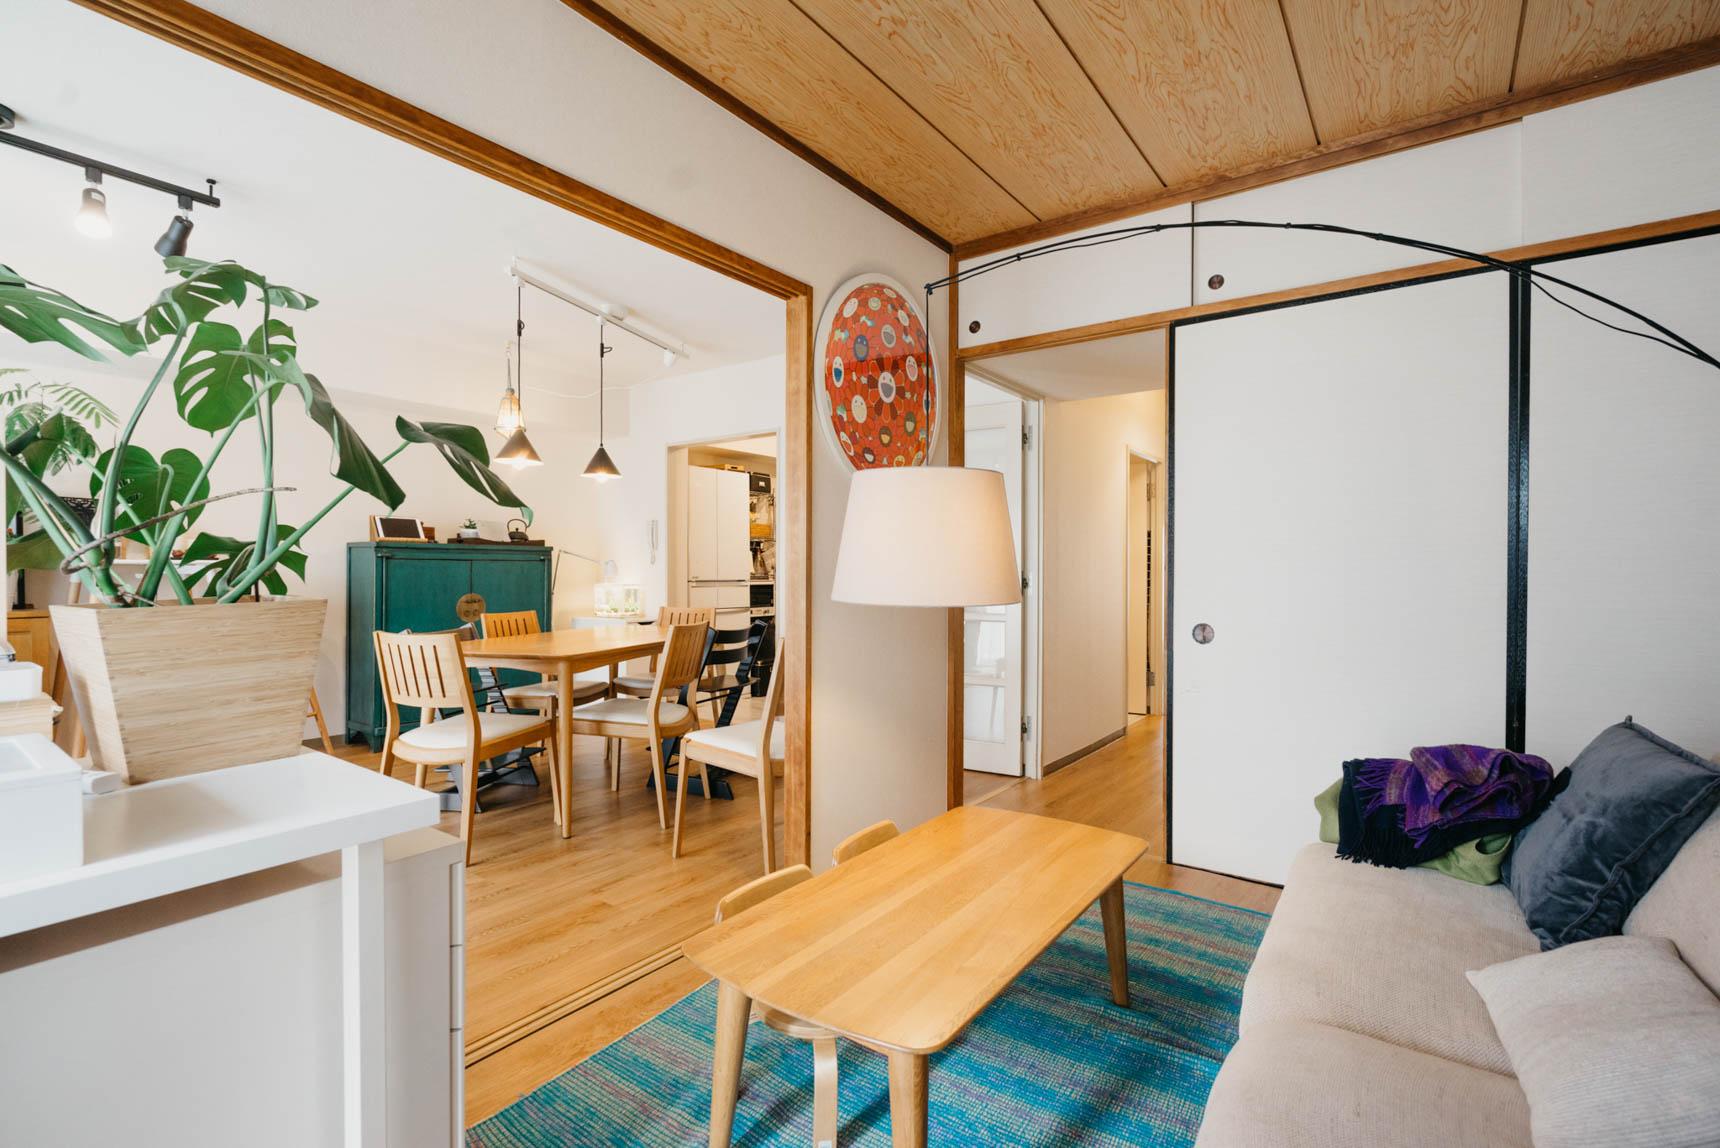 実はソファのあるお部屋は、元和室。畳の上に、フロアタイルを敷いています。元々のフローリングより幅広の雰囲気の良いものを選びました。廊下やリビングも同じフロアタイルにしたことで、統一感がある空間になりました。